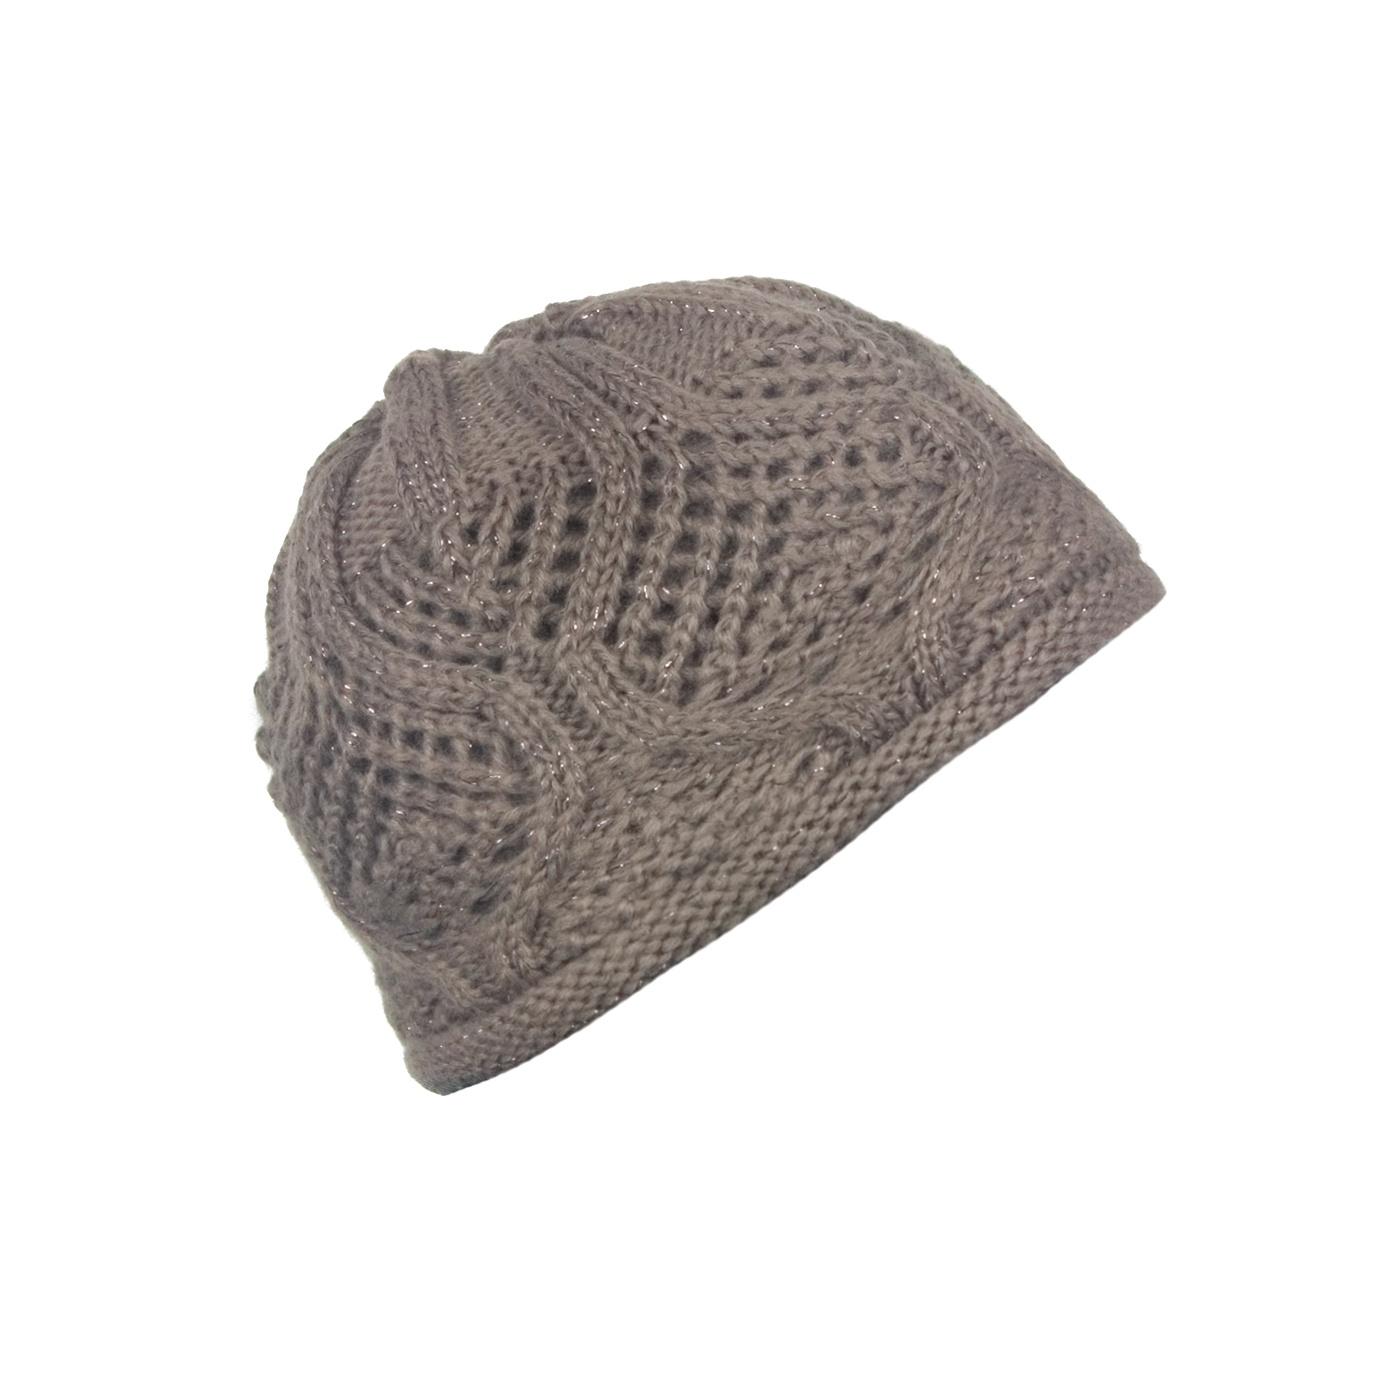 Damska czapka zimowa z ażurowym splotem - cappuccino